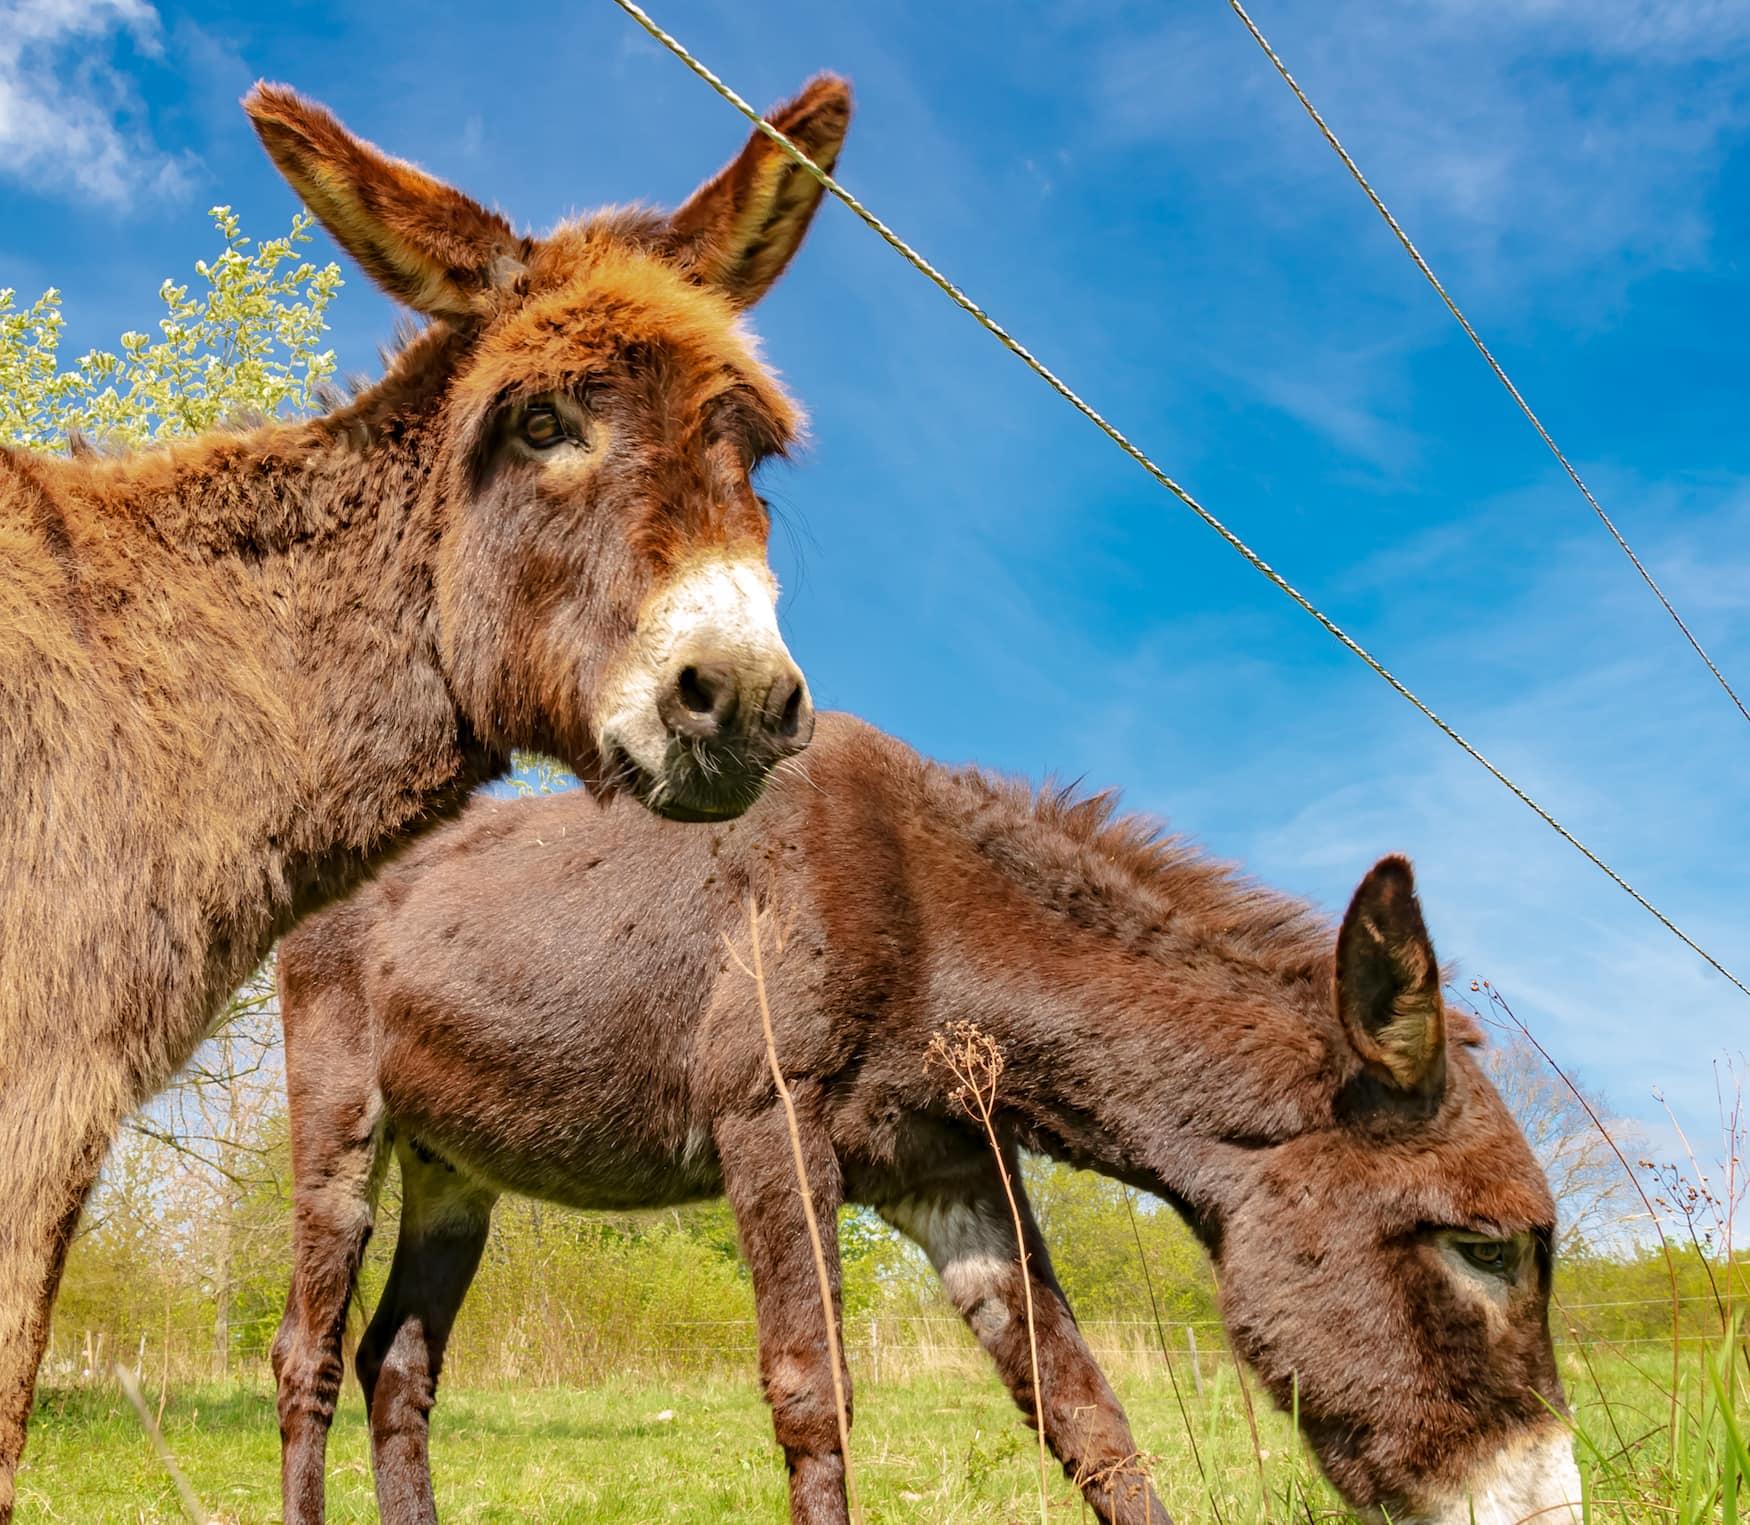 Zwei Esel stehen auf einer Weide in Deutschland